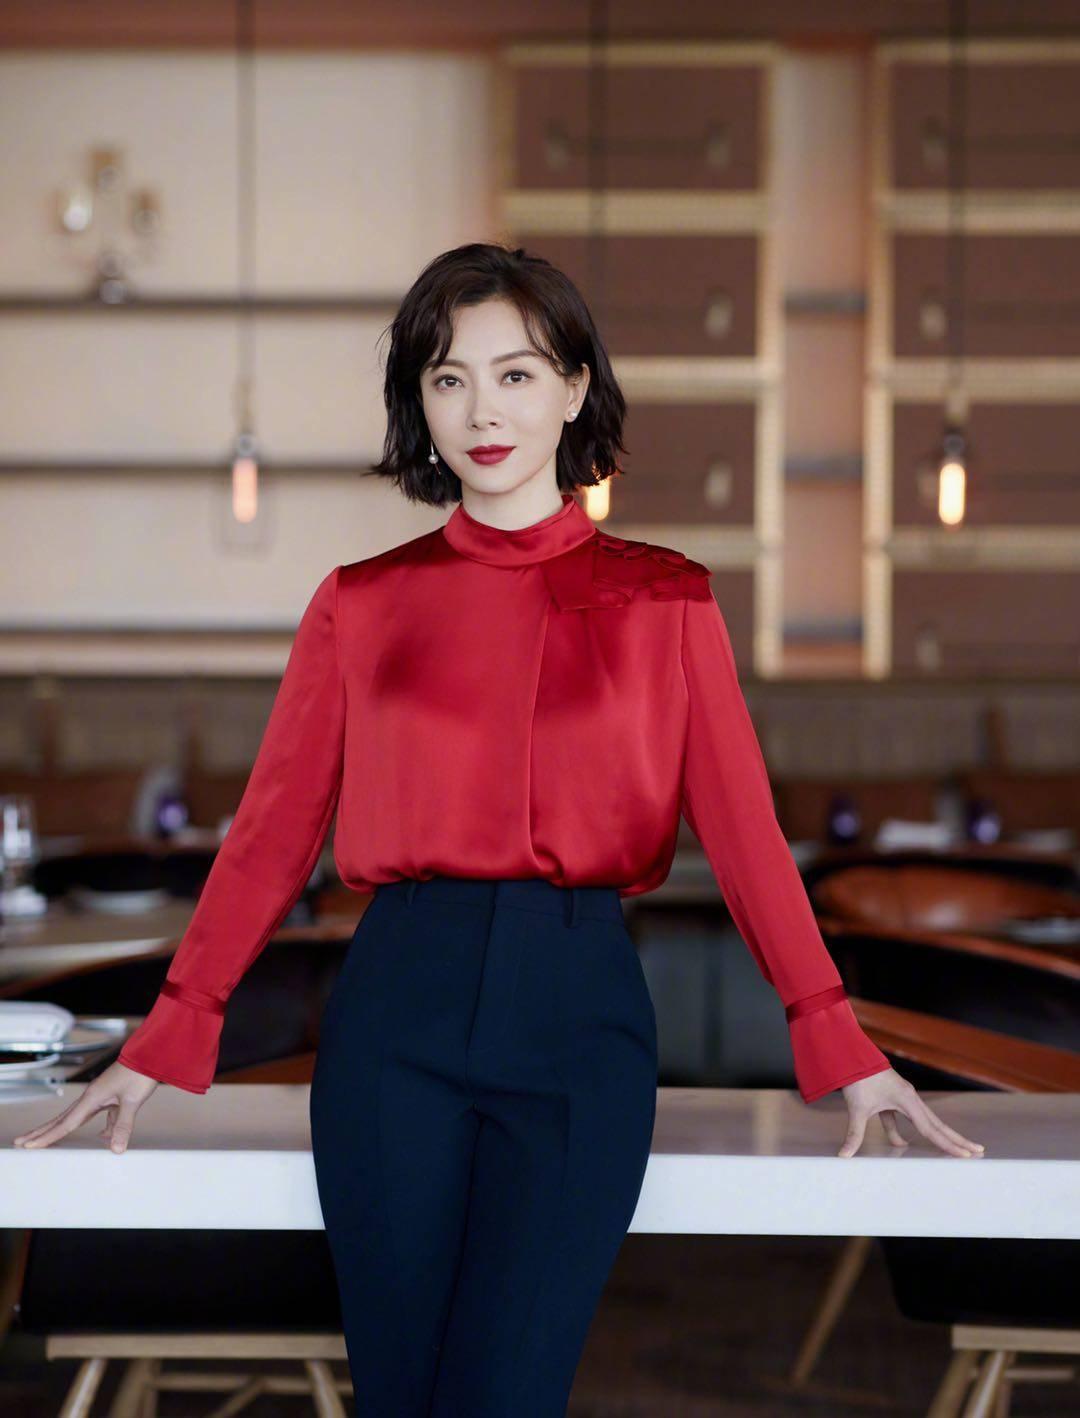 陈数,一个让角色充满高级感的女演员,四十加也很飒很美